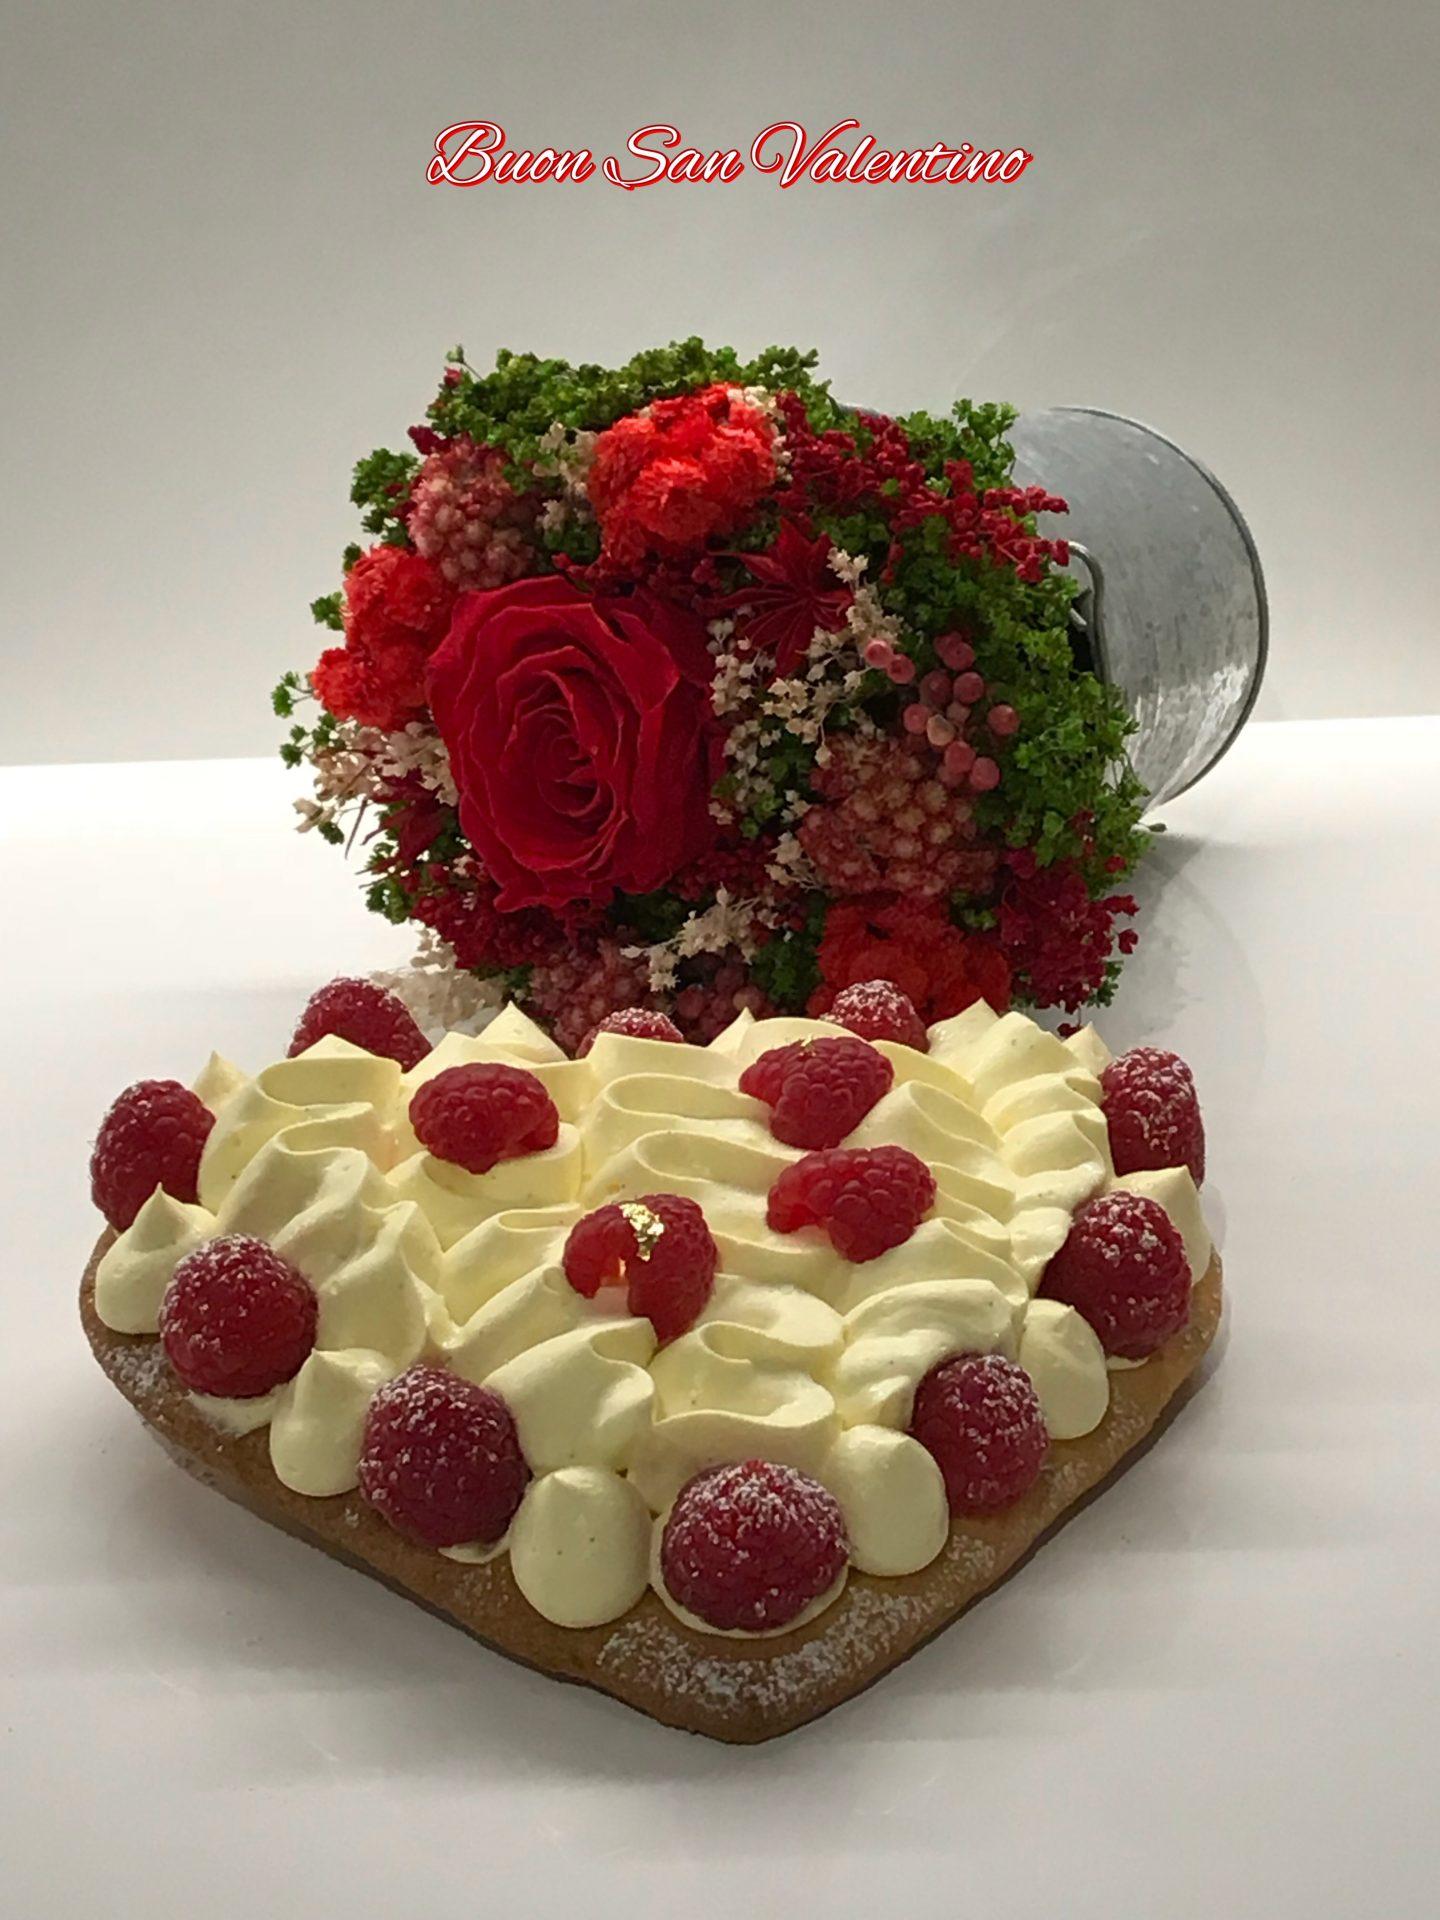 Un cuore per San Valentino!